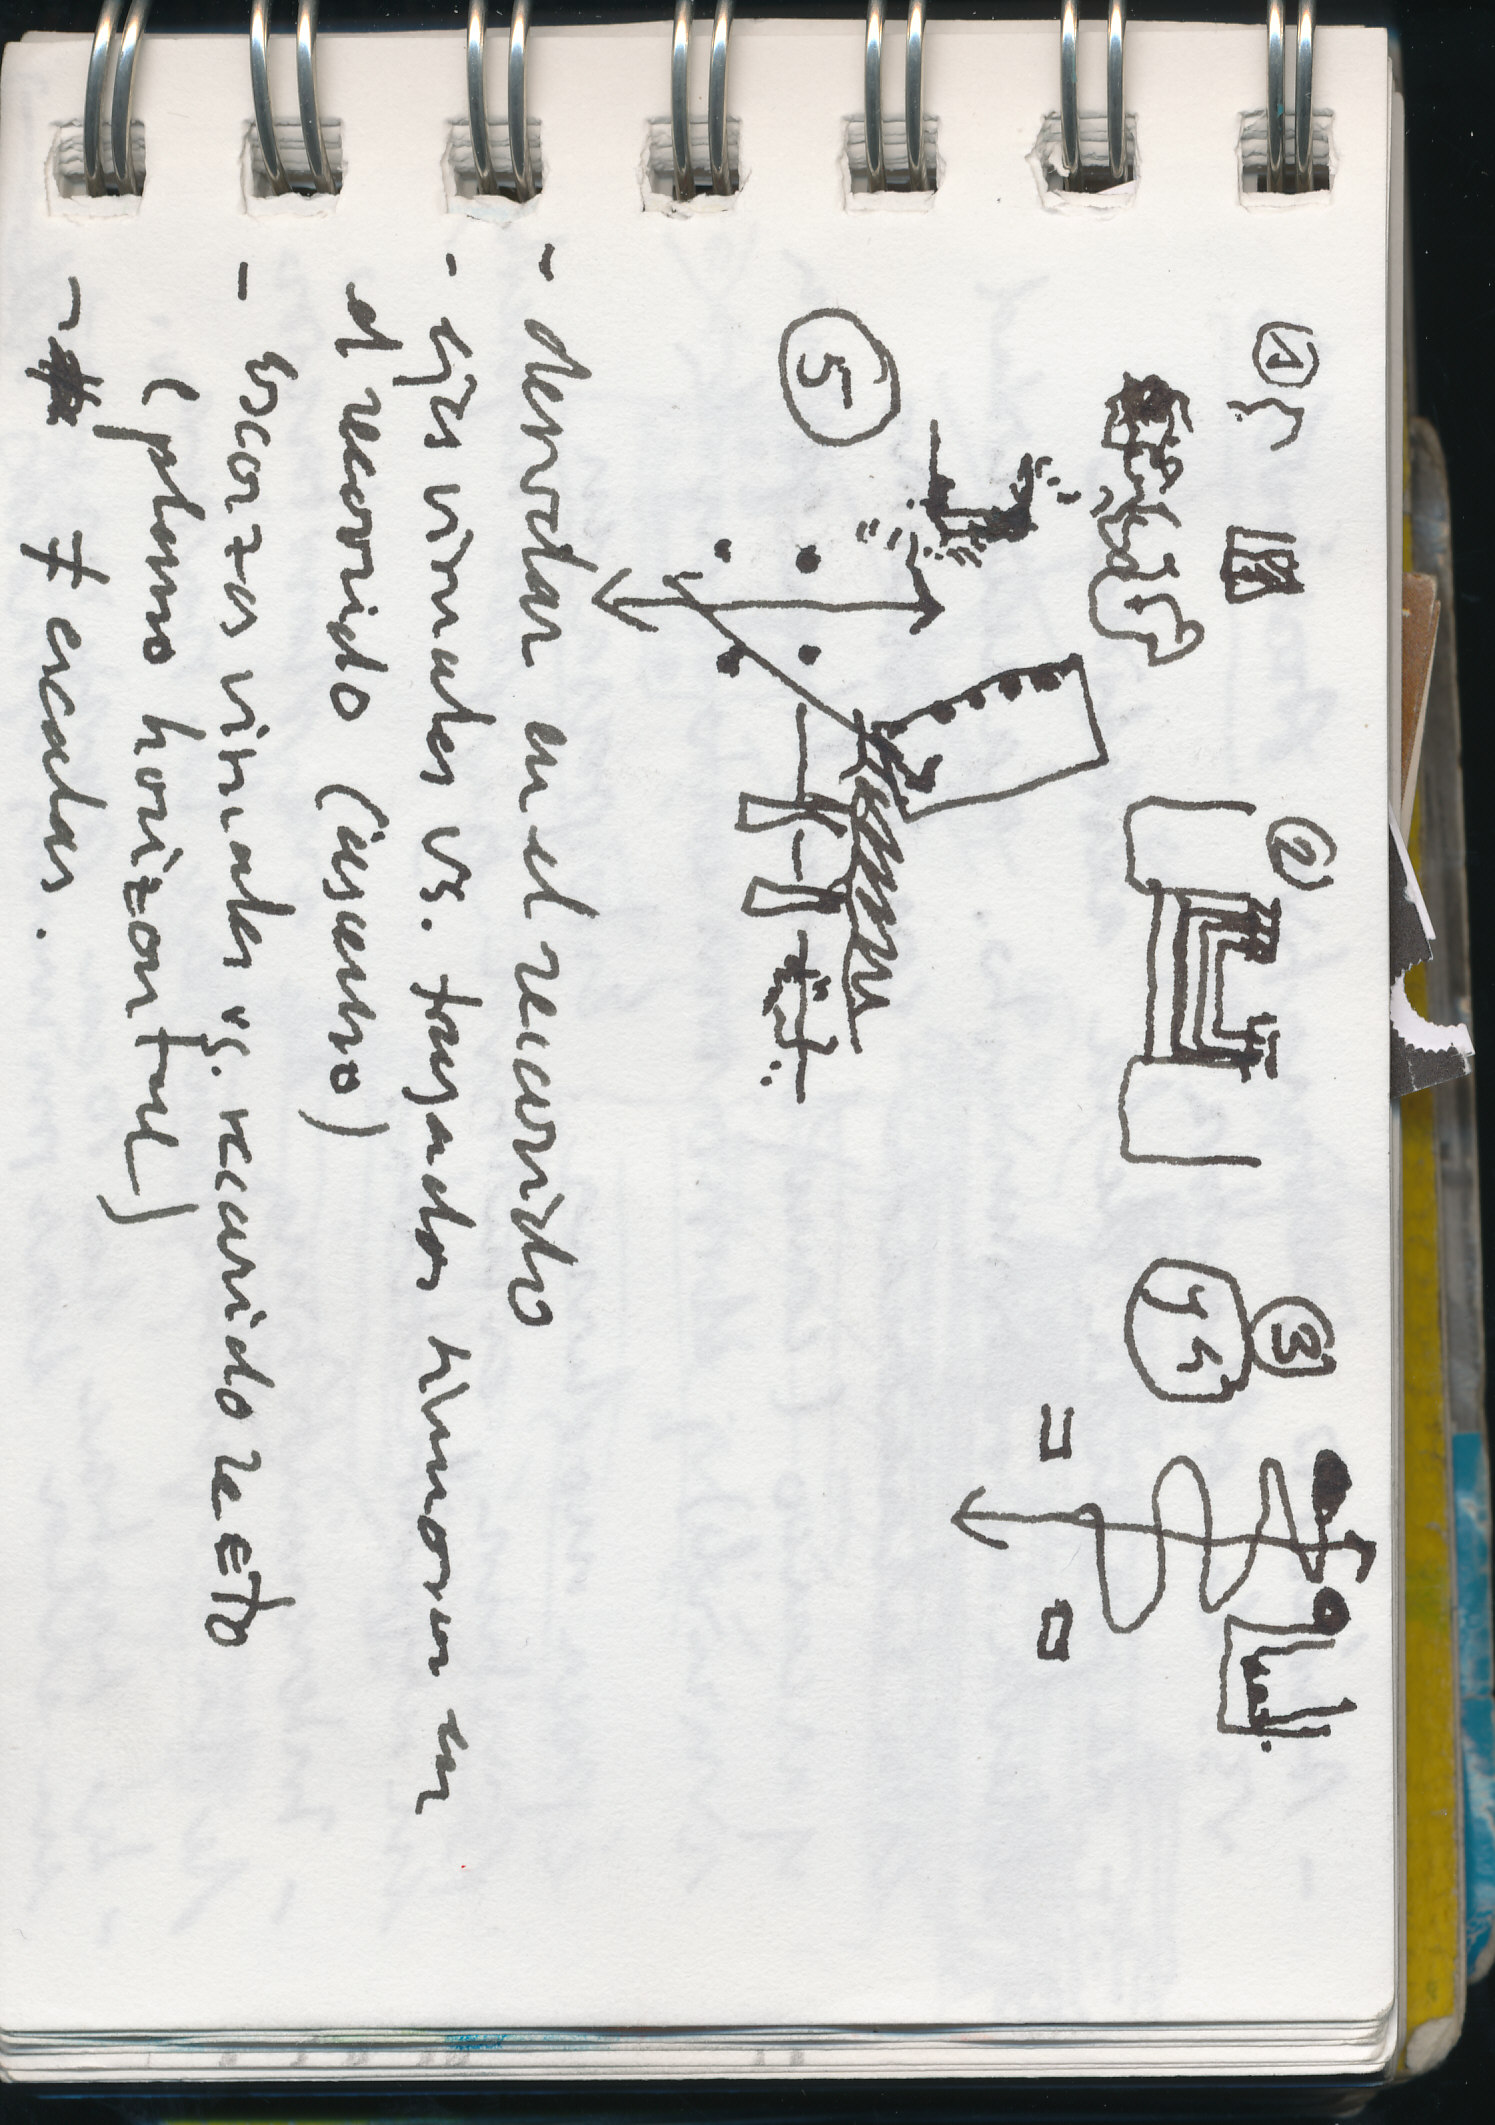 cuaderno 8_0023.1.jpg